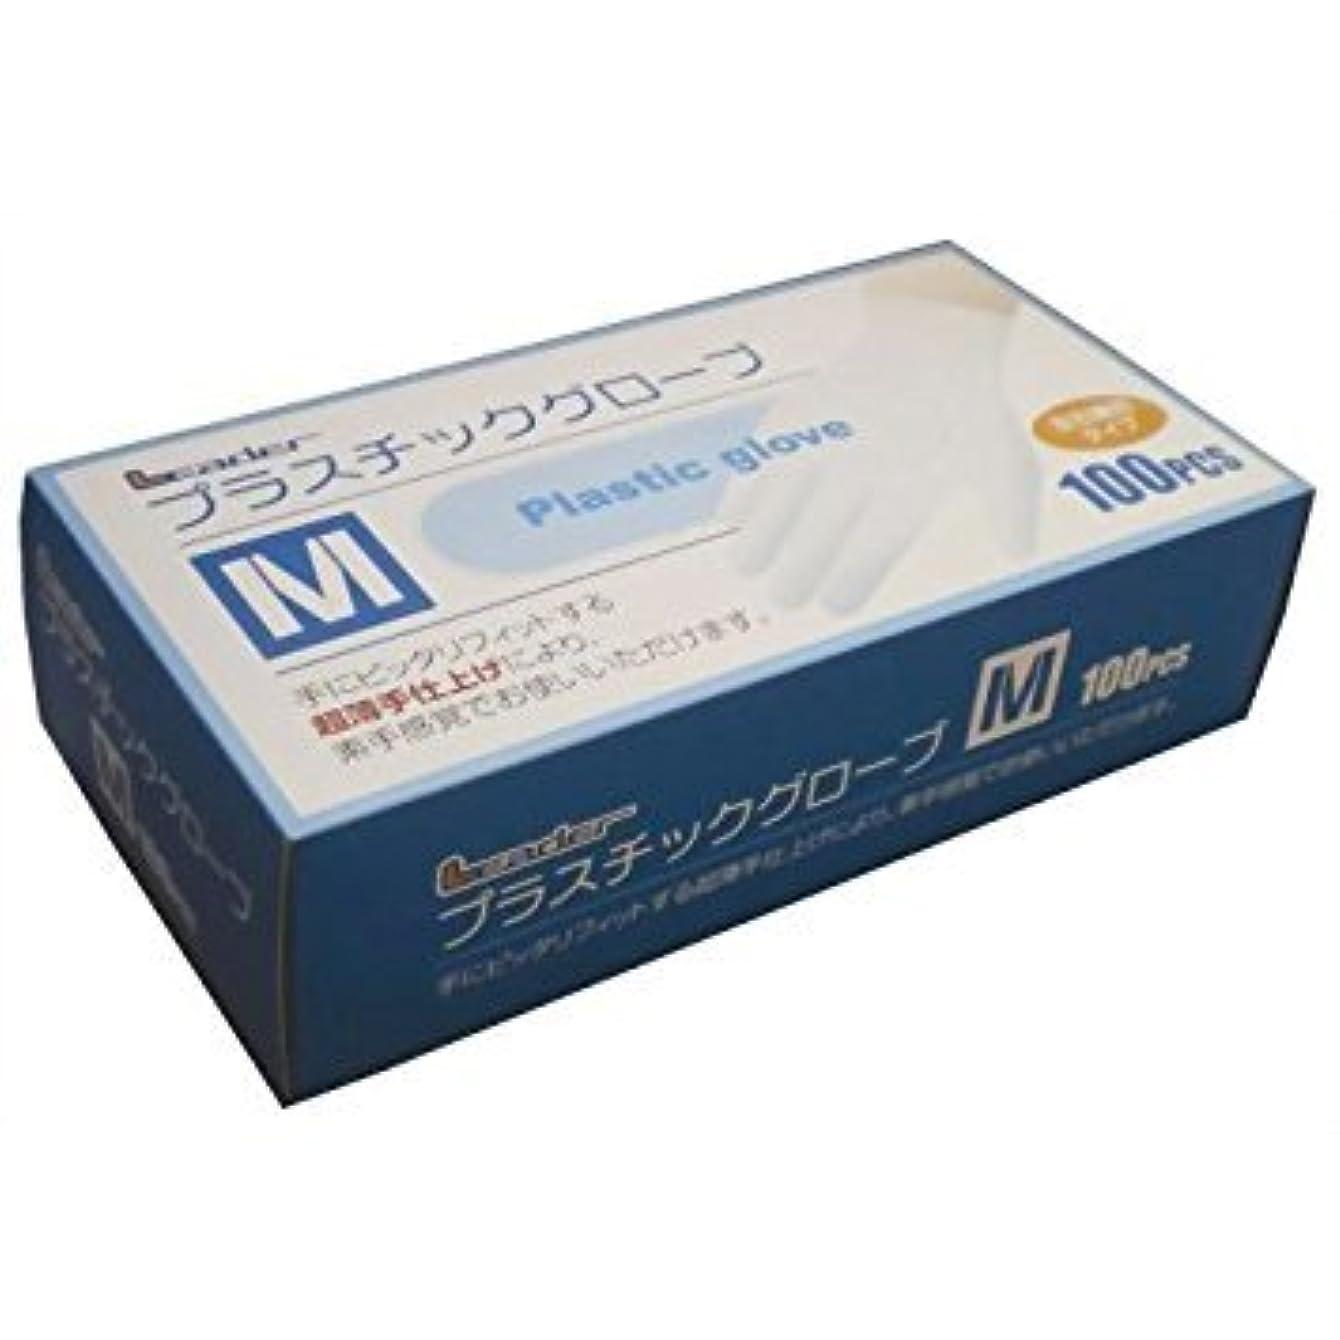 恥ずかしさ虫ミンチ「梱売」リーダー プラスチックグローブ Mサイズ 100枚入x10箱セット